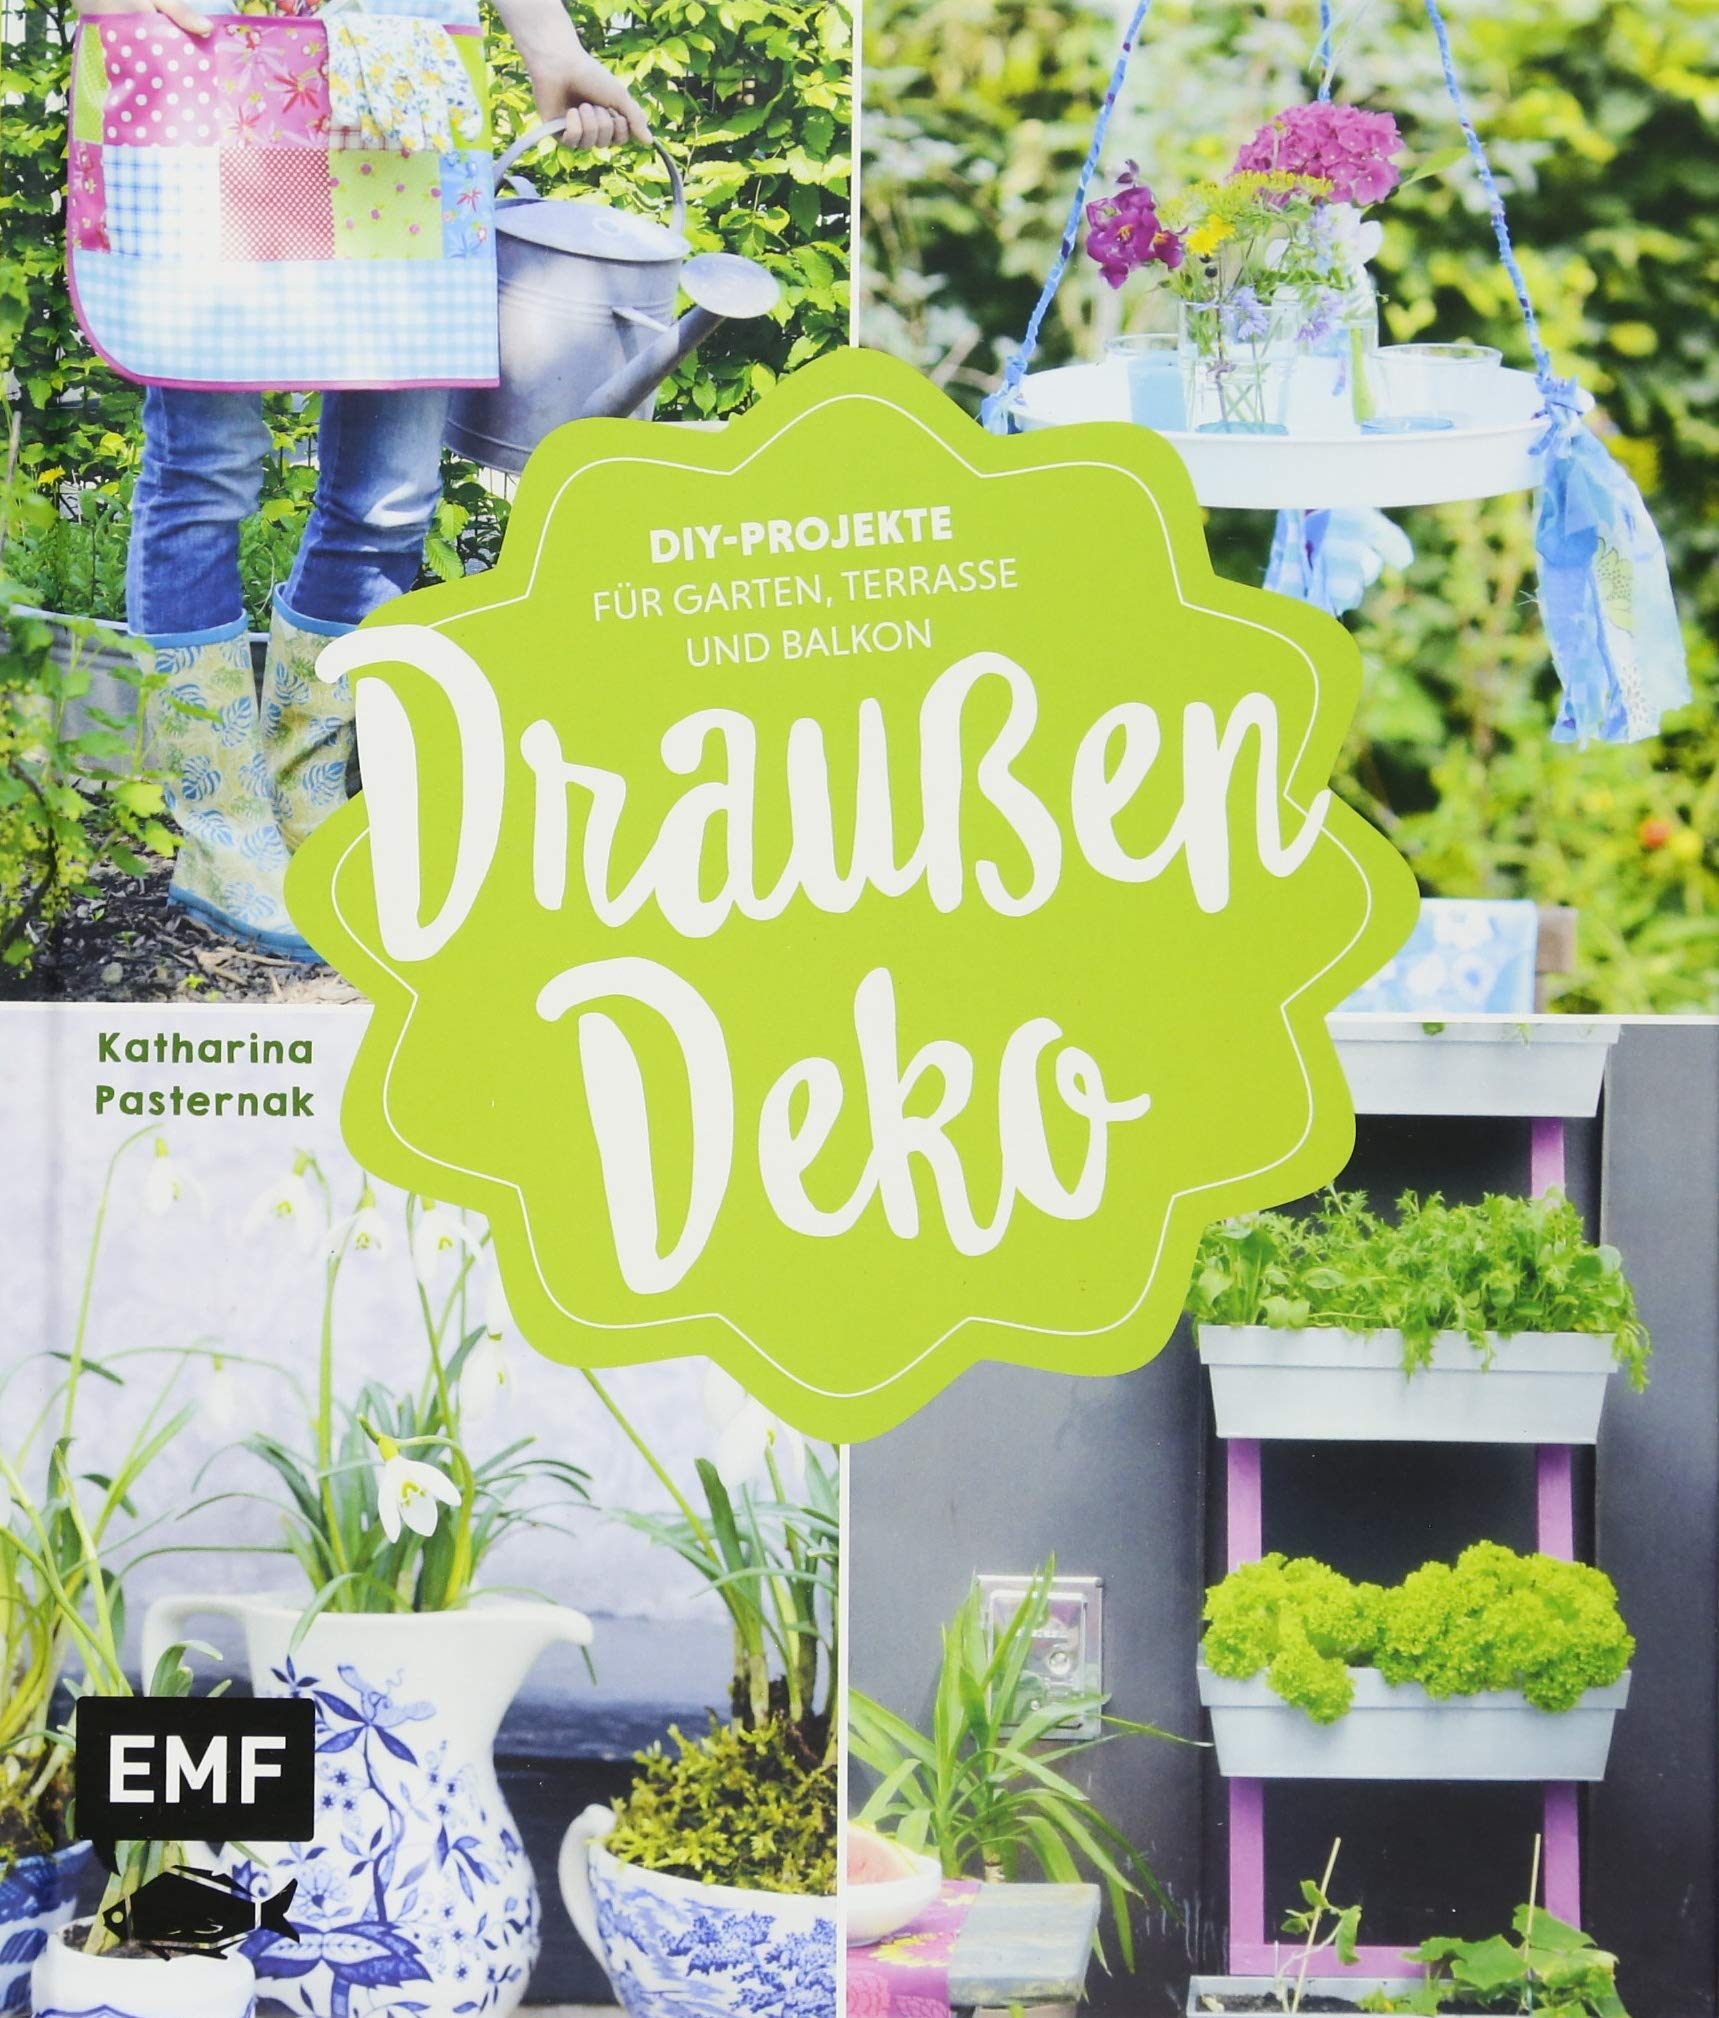 Draußen Deko: DIY Projekte Für Garten, Terrasse Und Balkon: Amazon.de: